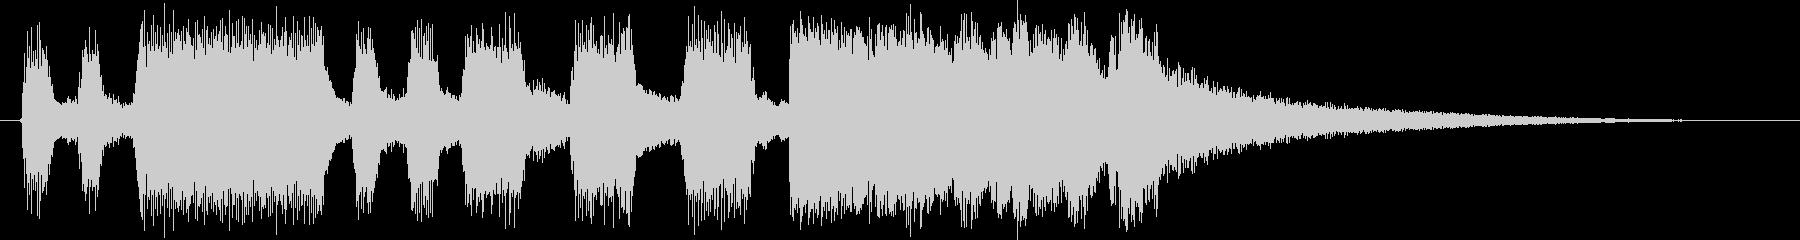 トランペット&トロンボーンファンファーレの未再生の波形